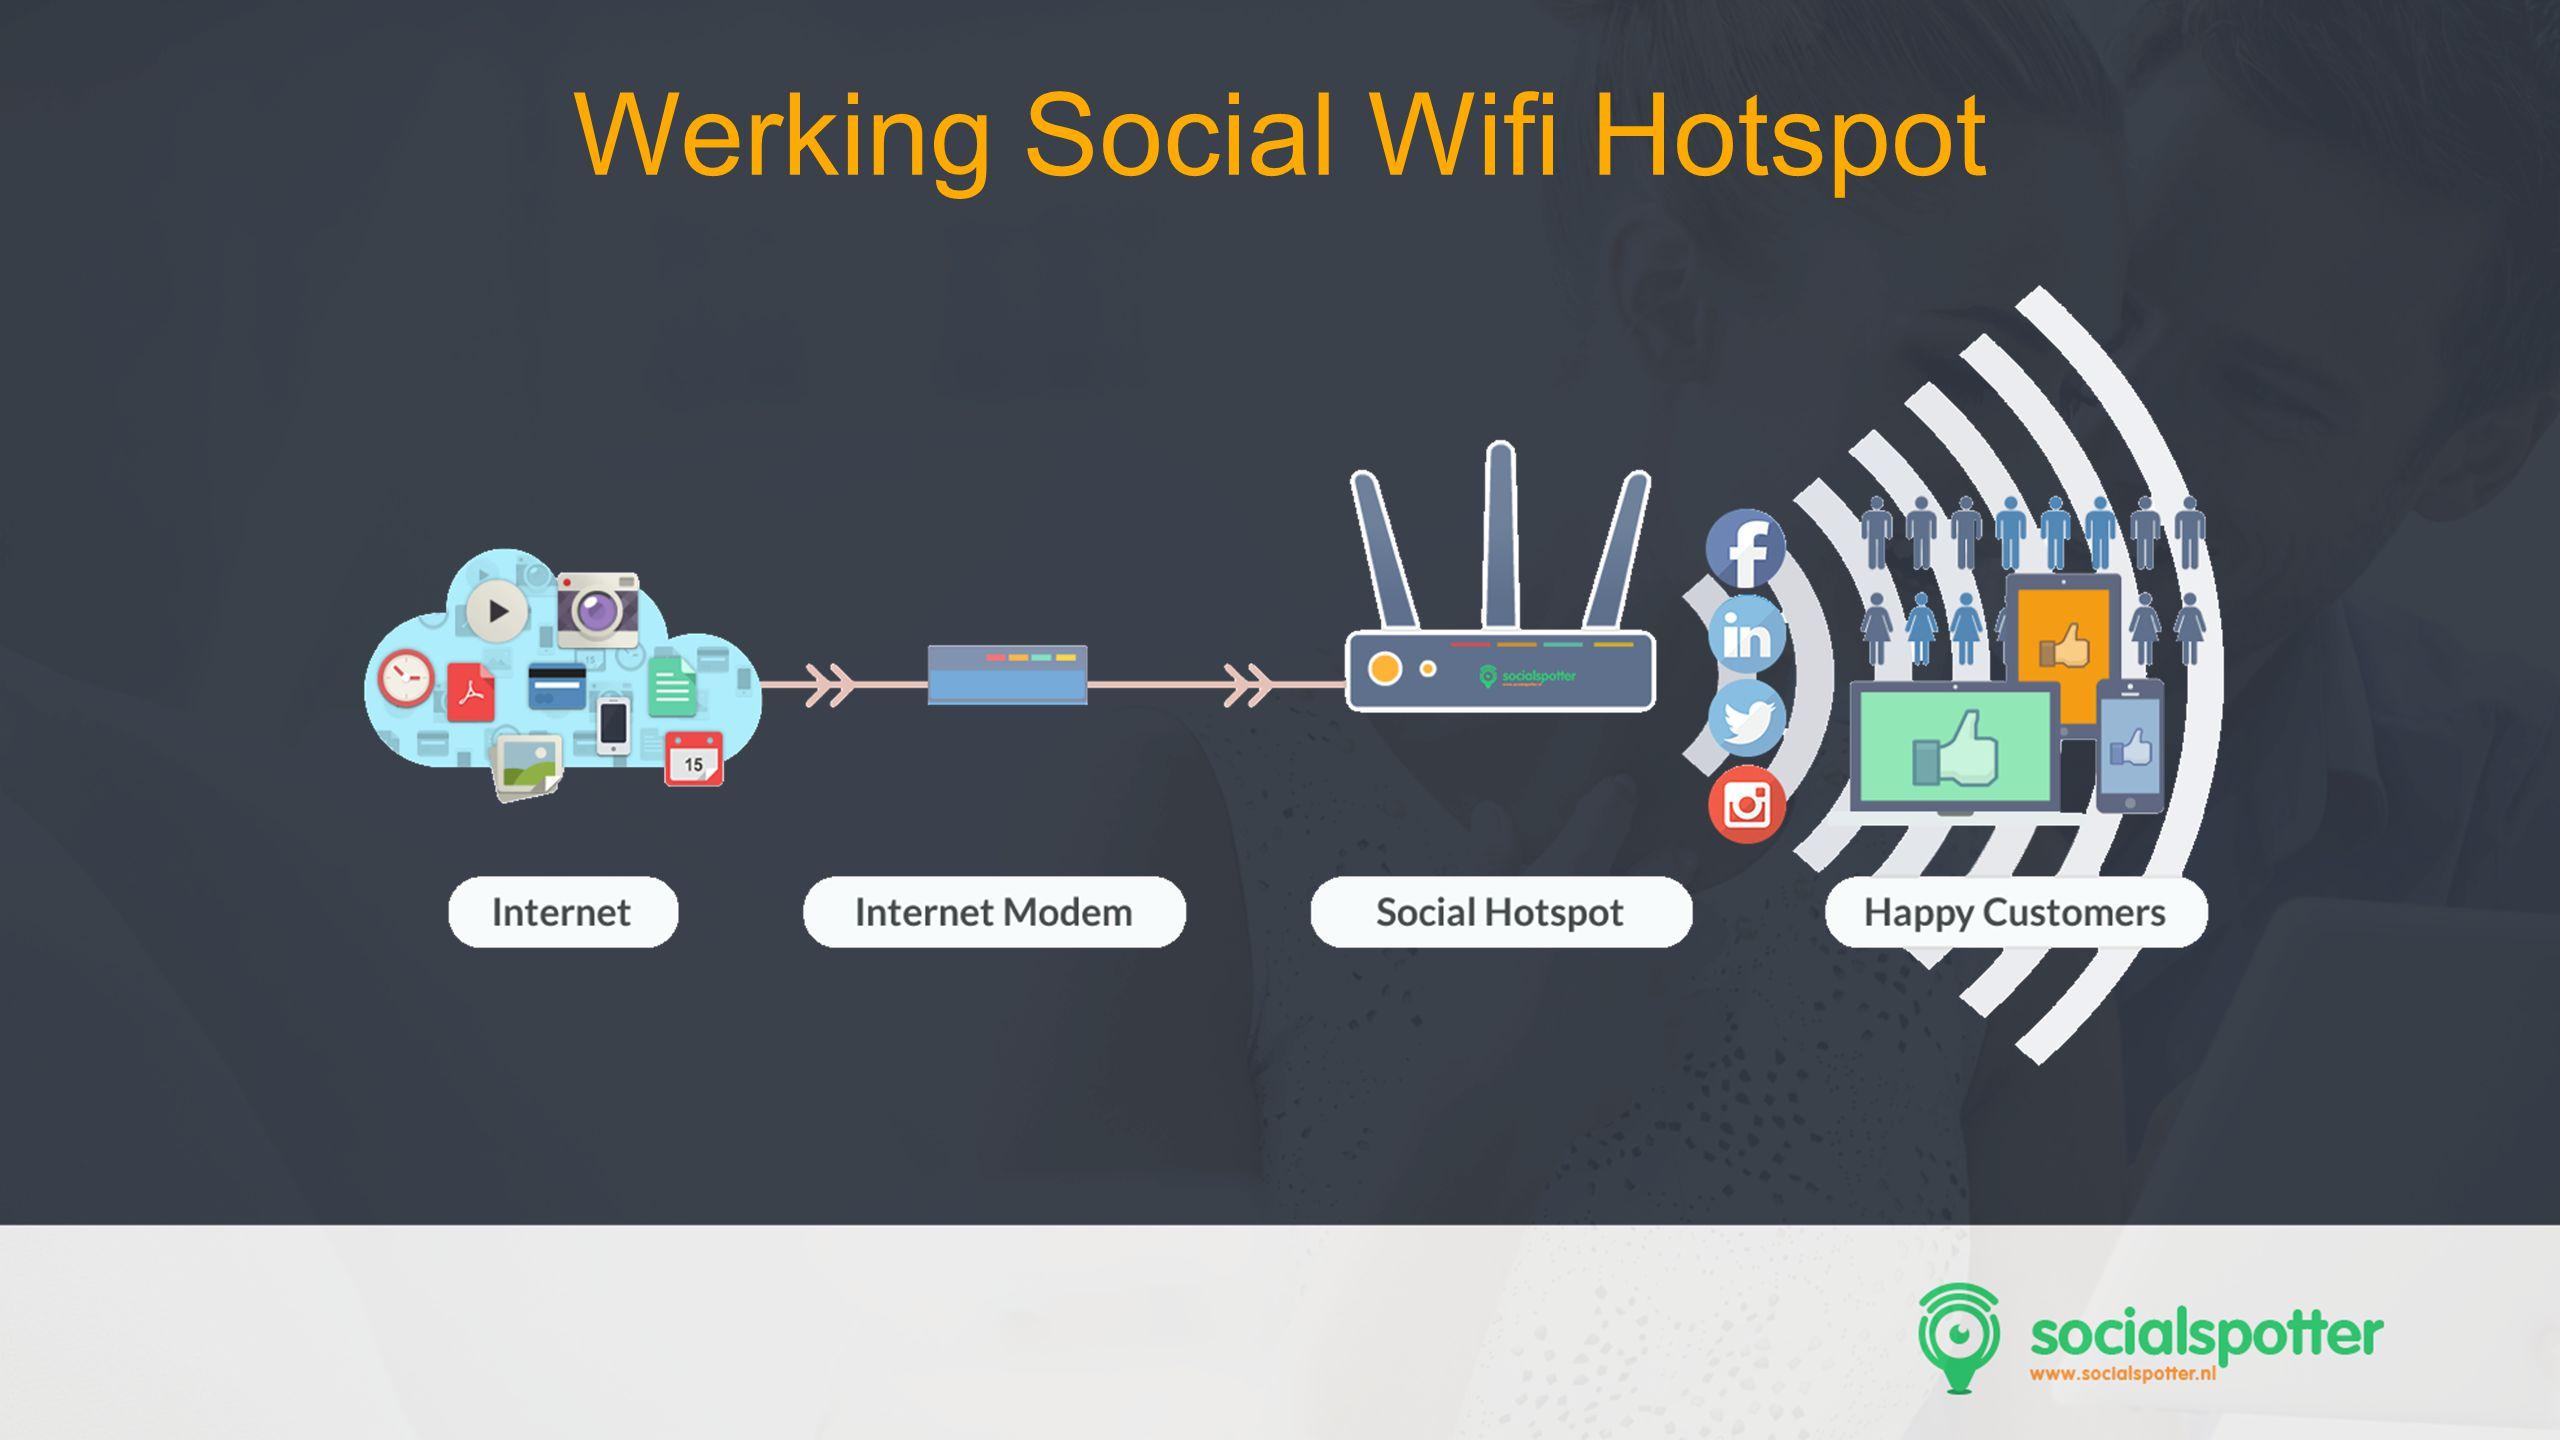 Werking Social Wifi Hotspot